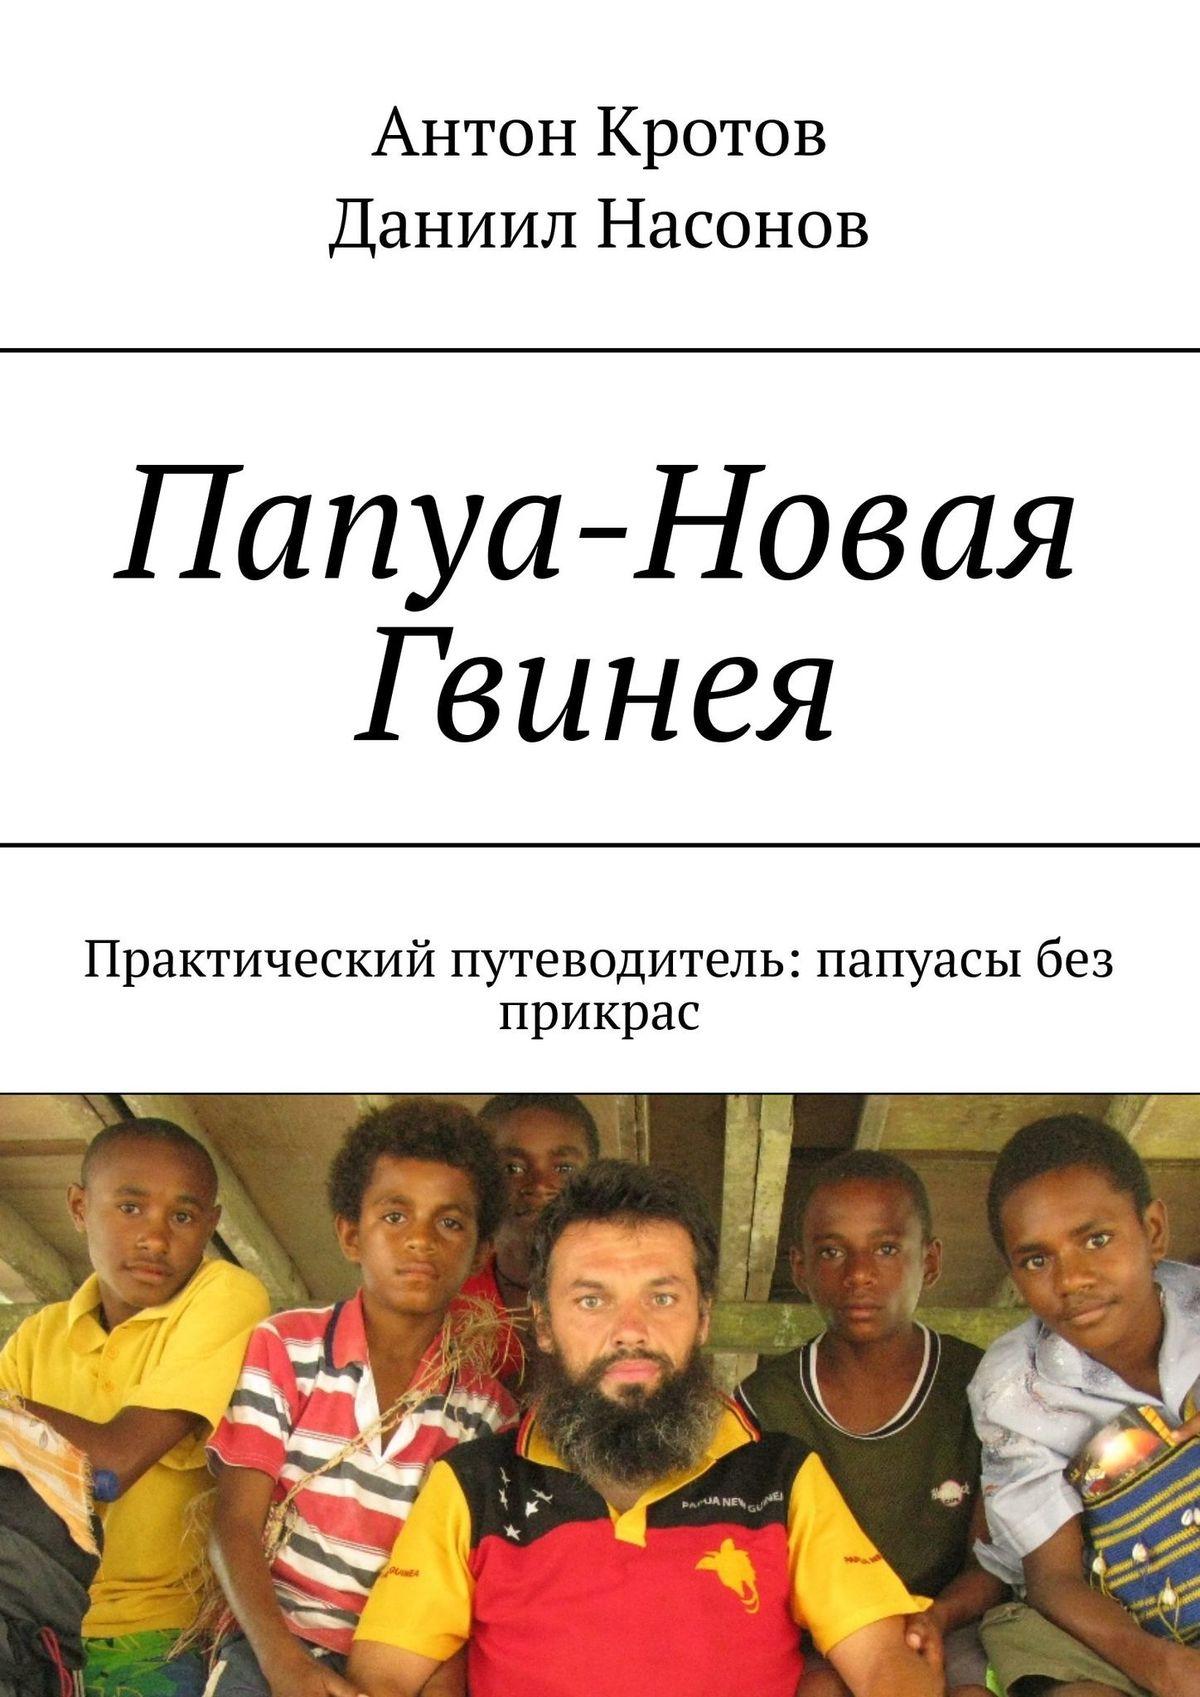 Антон Кротов Папуа-Новая Гвинея. Практический путеводитель: папуасы без прикрас цена